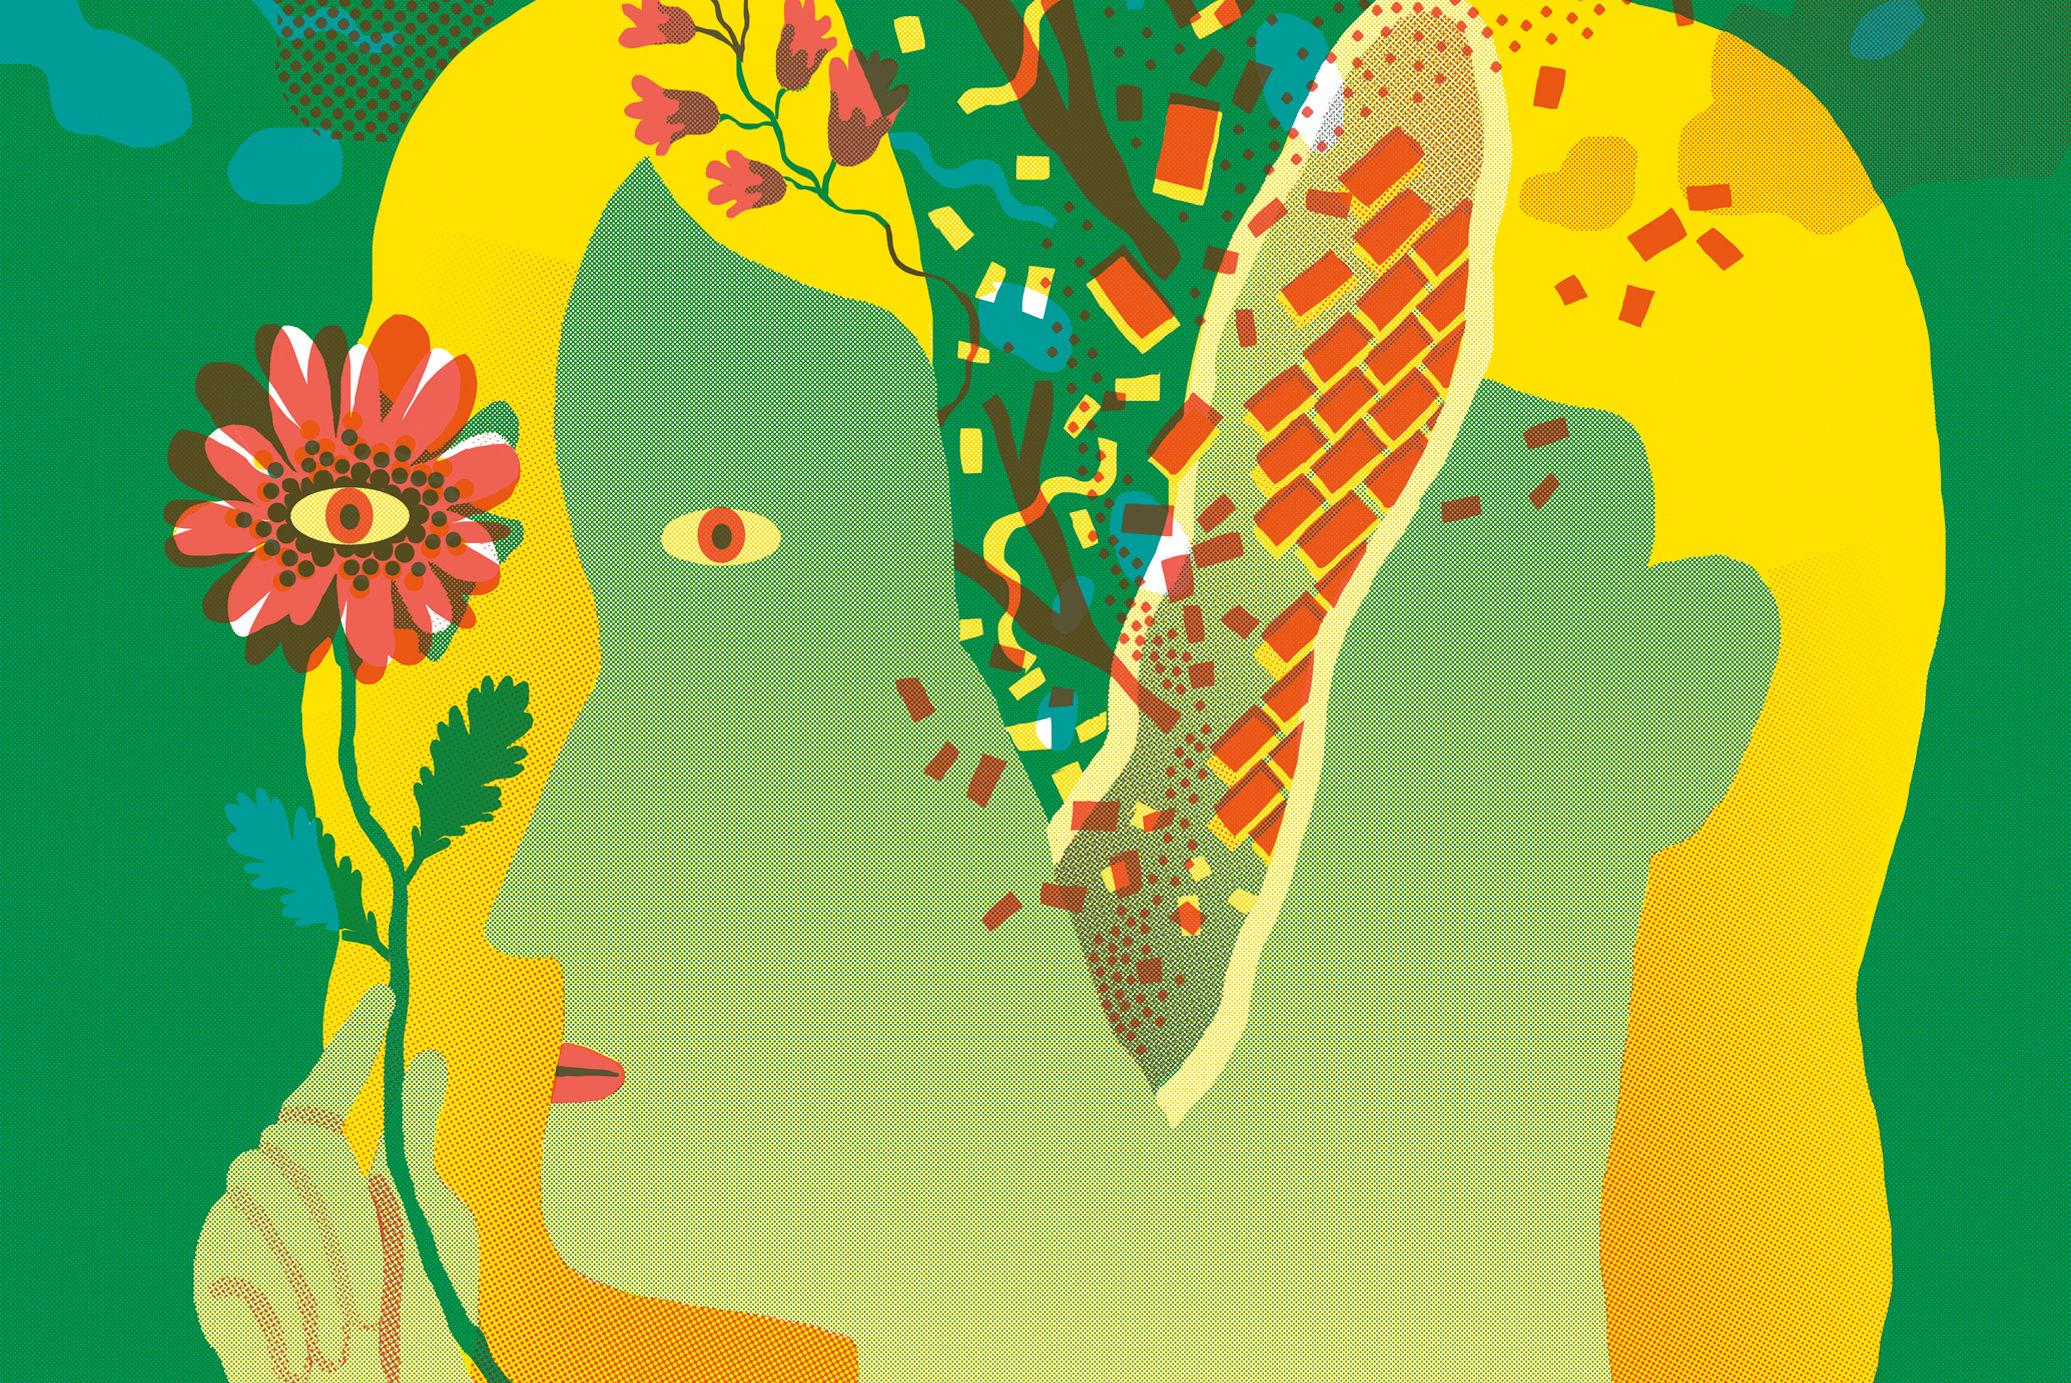 1117 arts h2m psychic utopia illo r9dxda